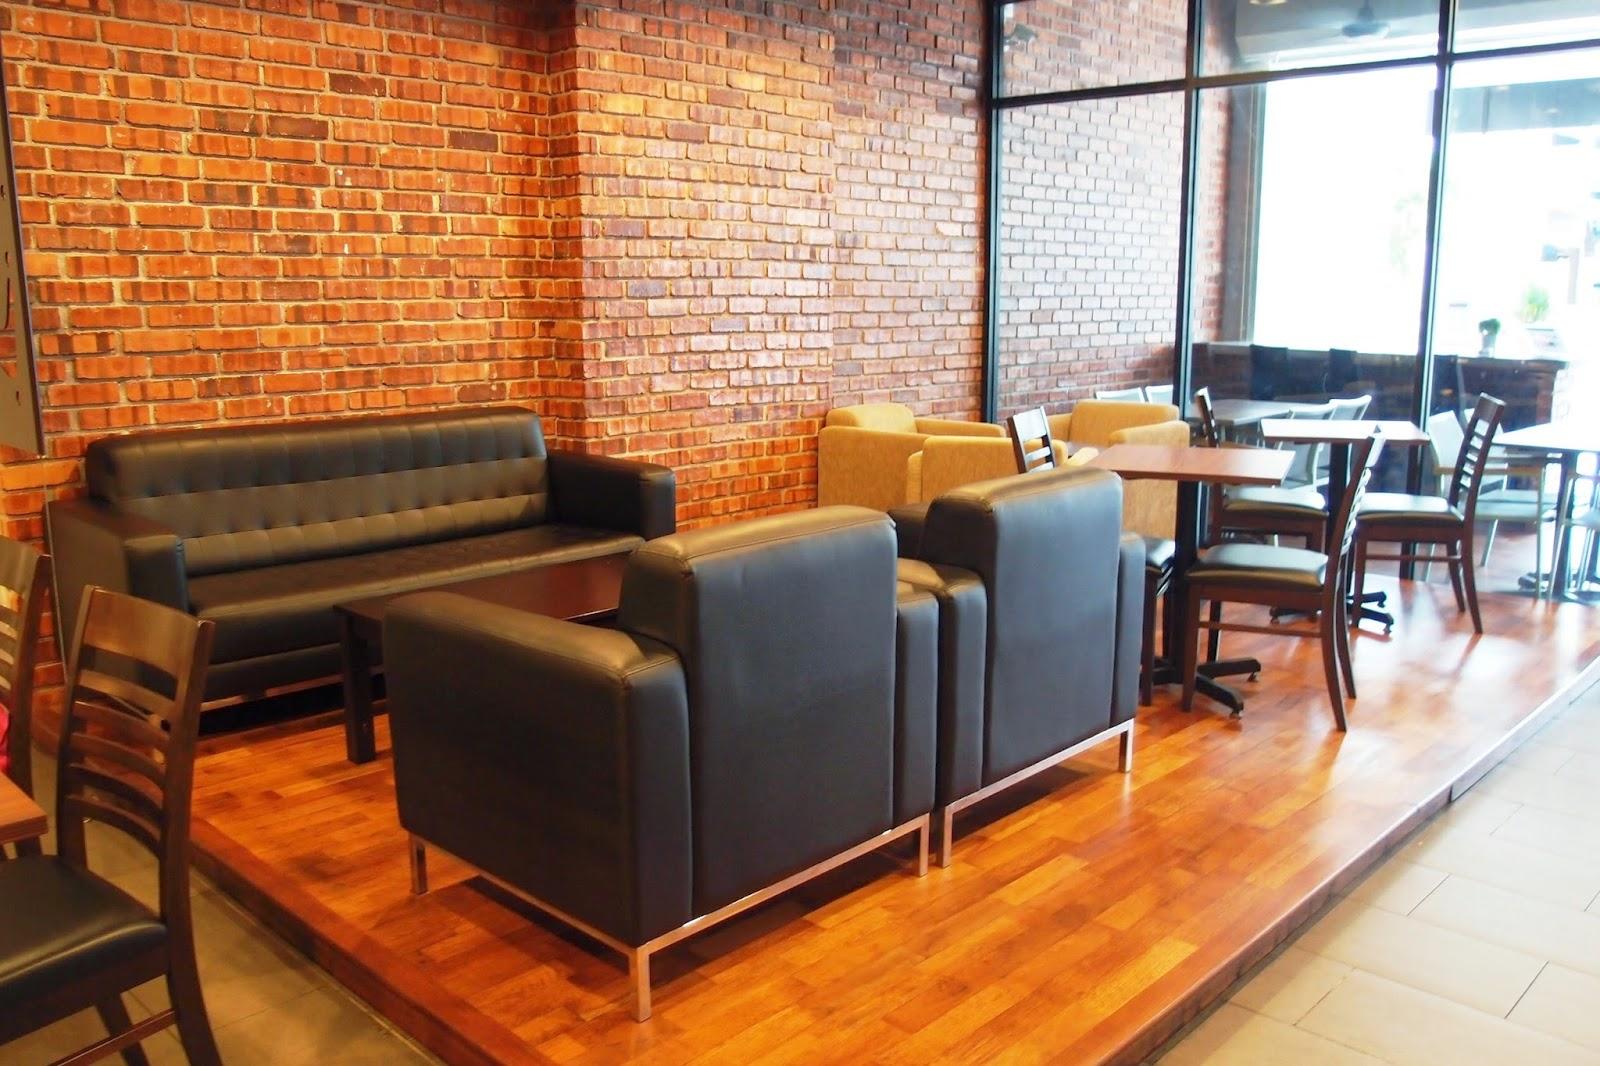 Red Sofa Cafe Baku Comfy Sofas Follow Me To Eat La Malaysian Food Blog Crave